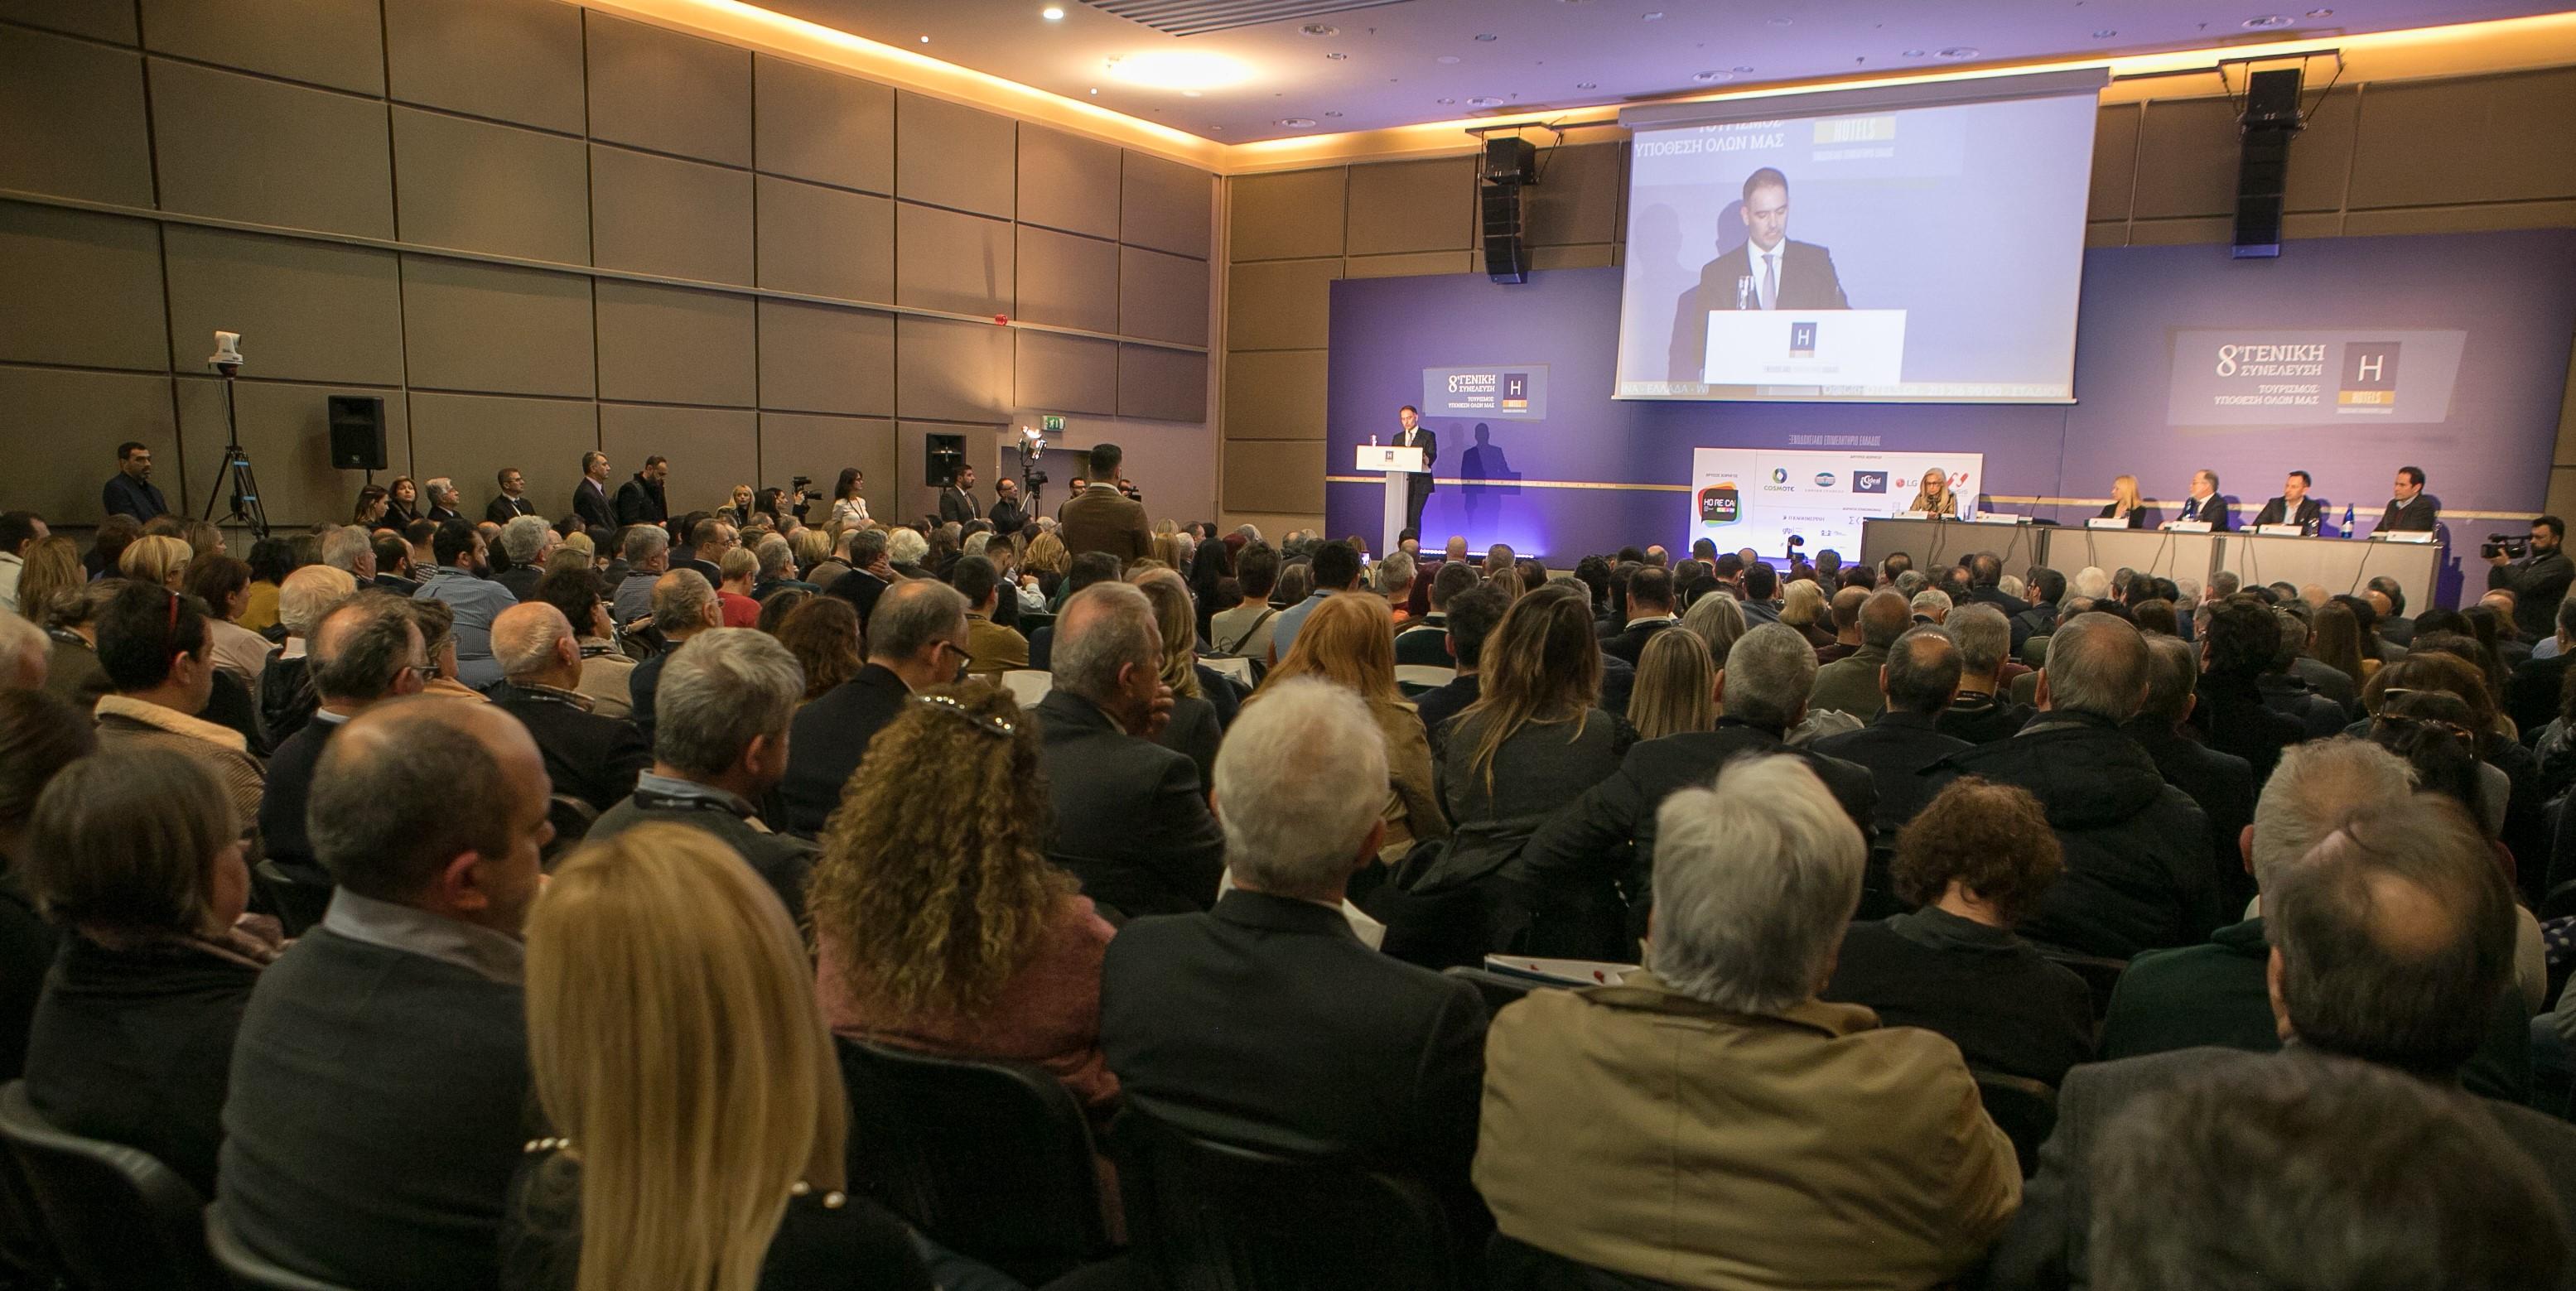 Η LG στηρίζει το έργο του Ξενοδοχειακού Επιμελητηρίου Ελλάδος ως Ασημένιος Χορηγός της 8ης Γενικής Συνέλευσης